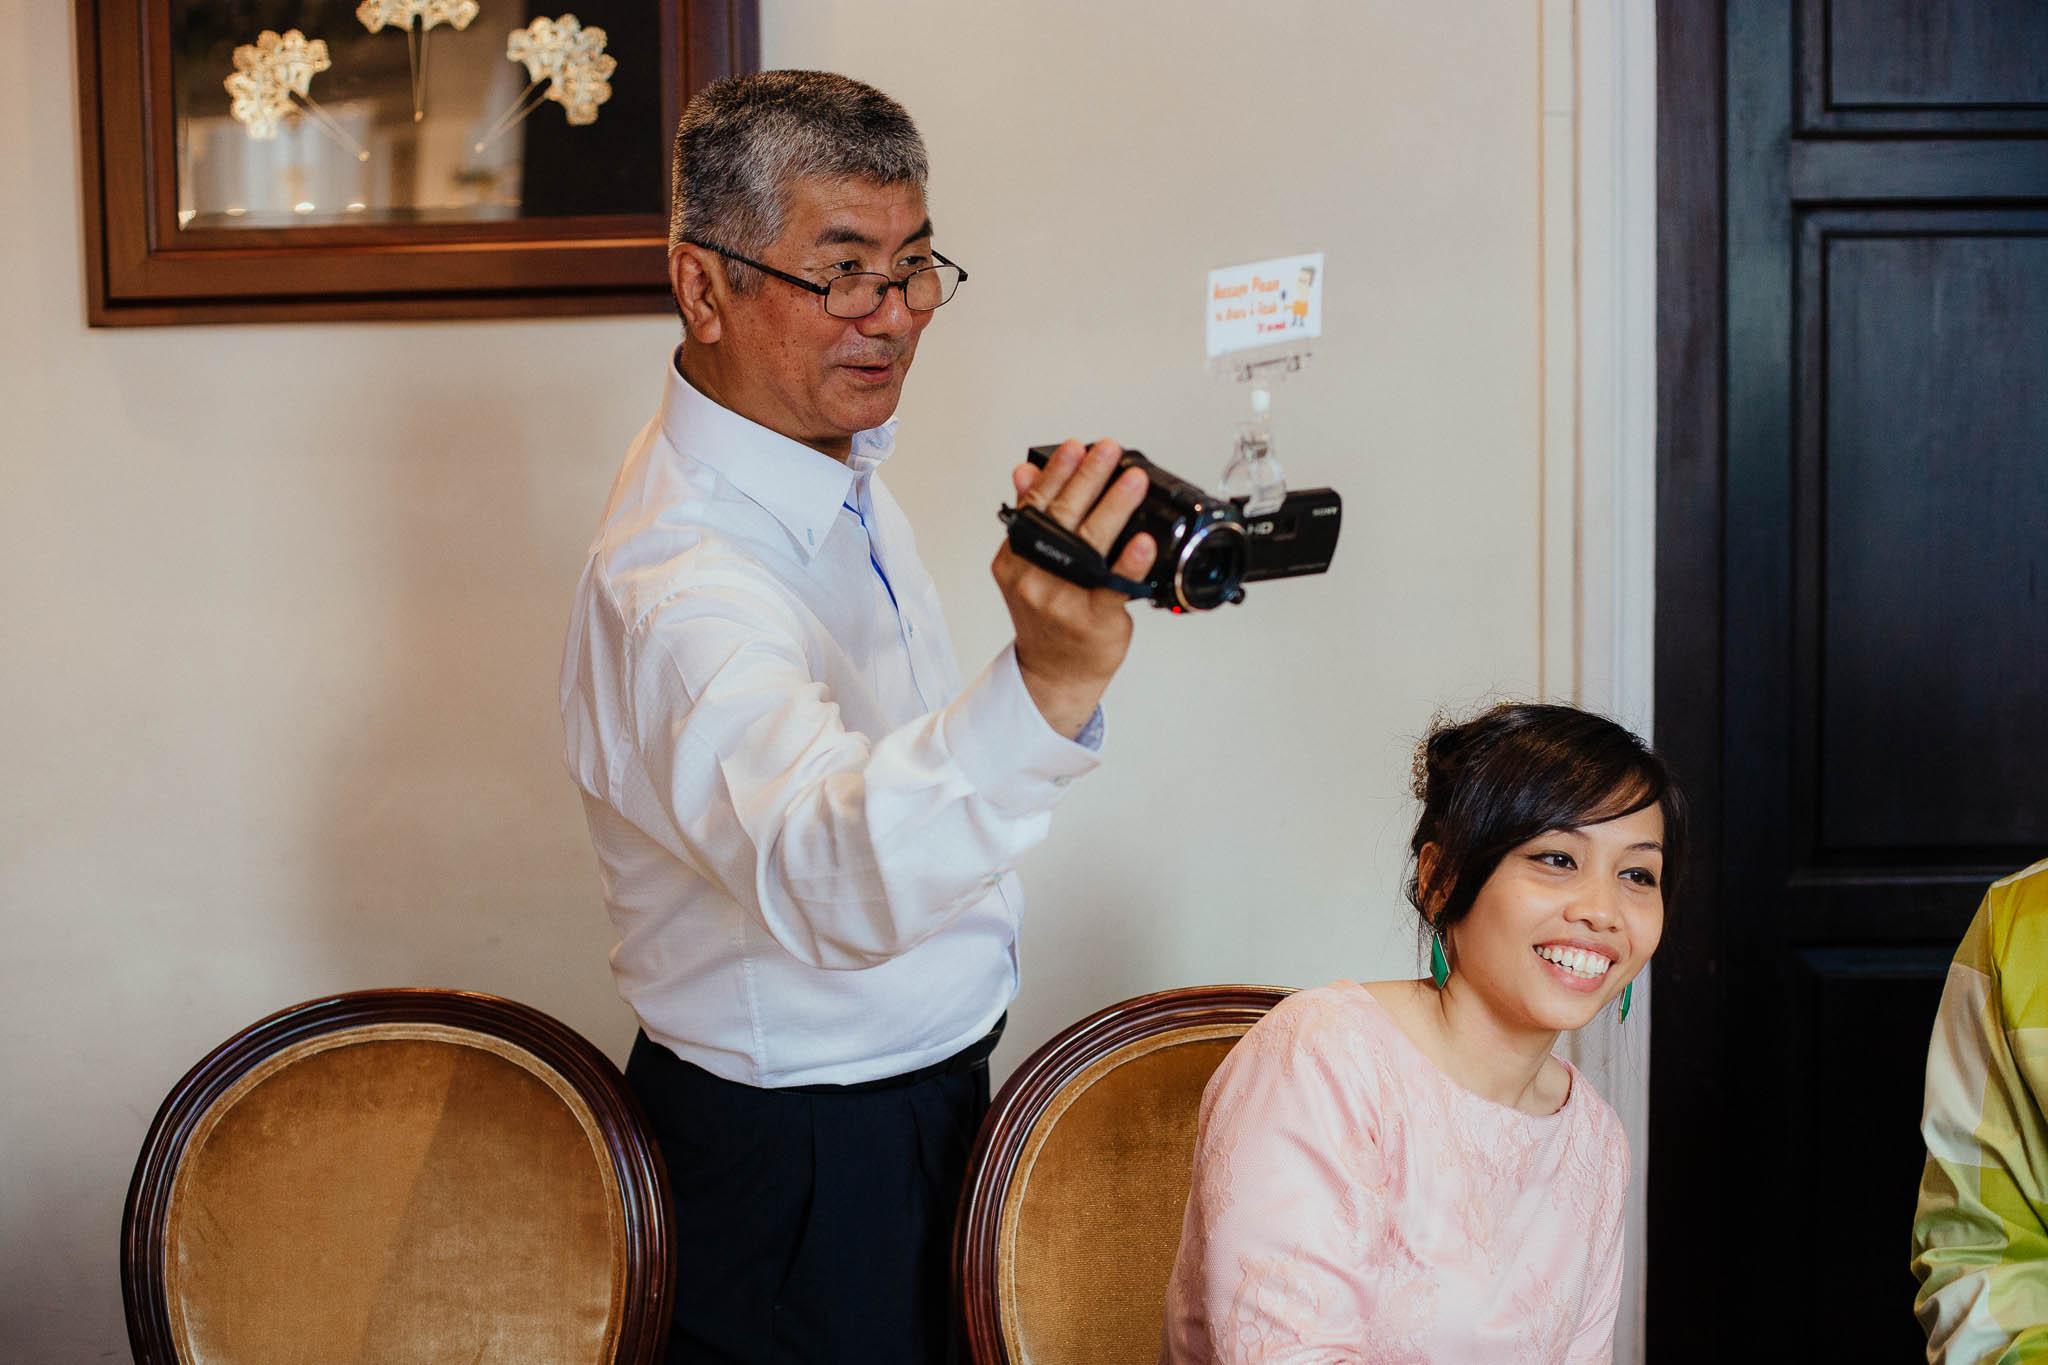 singapore-wedding-photographer-travel-wemadethese-atara-hafizah-57.jpg